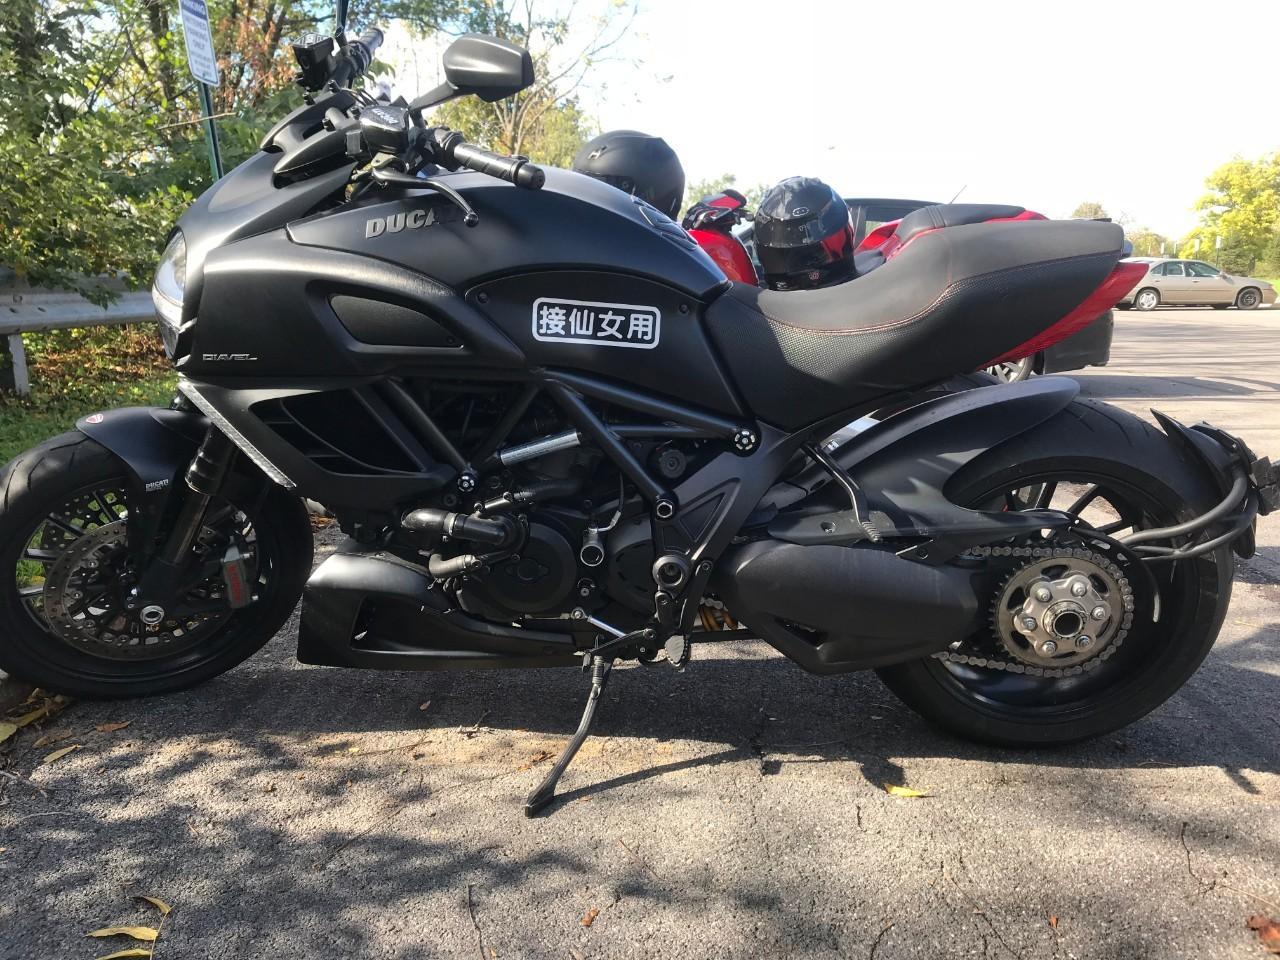 honda motorcycle dealers syracuse ny | Amatmotor.co